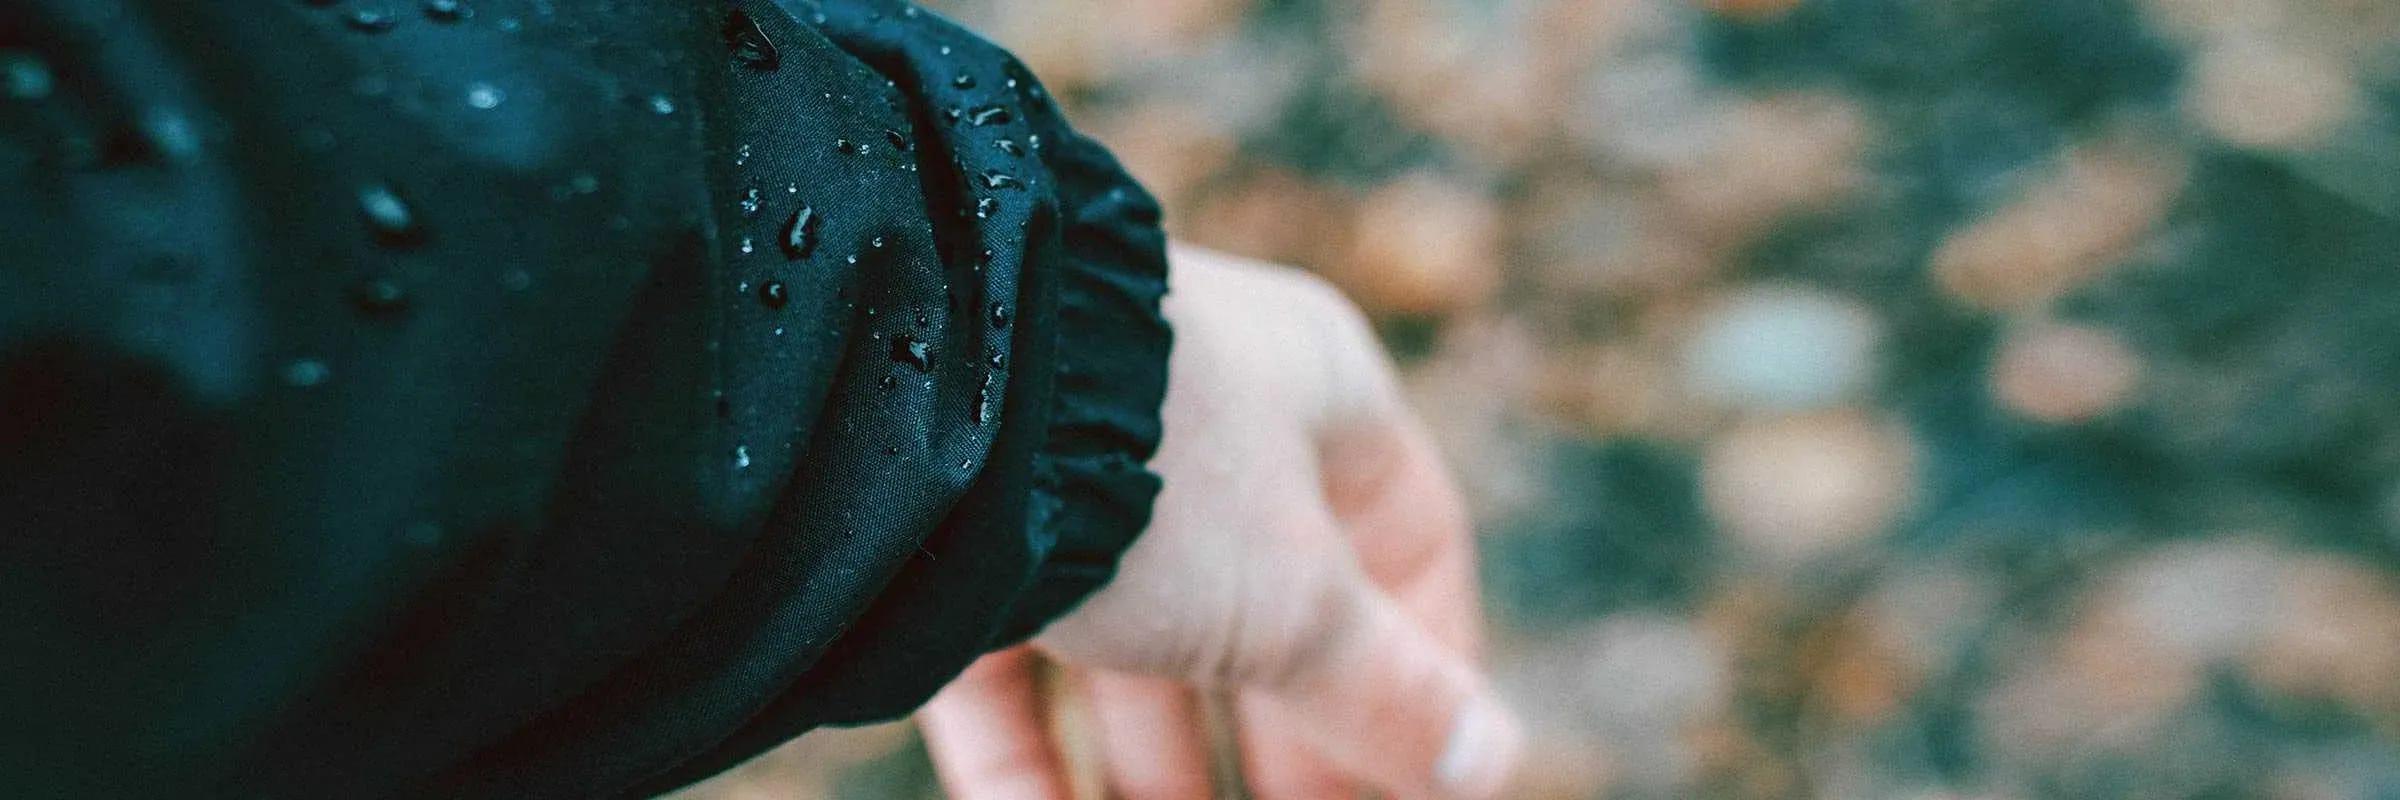 Comment nettoyer votre coquille imperméable?